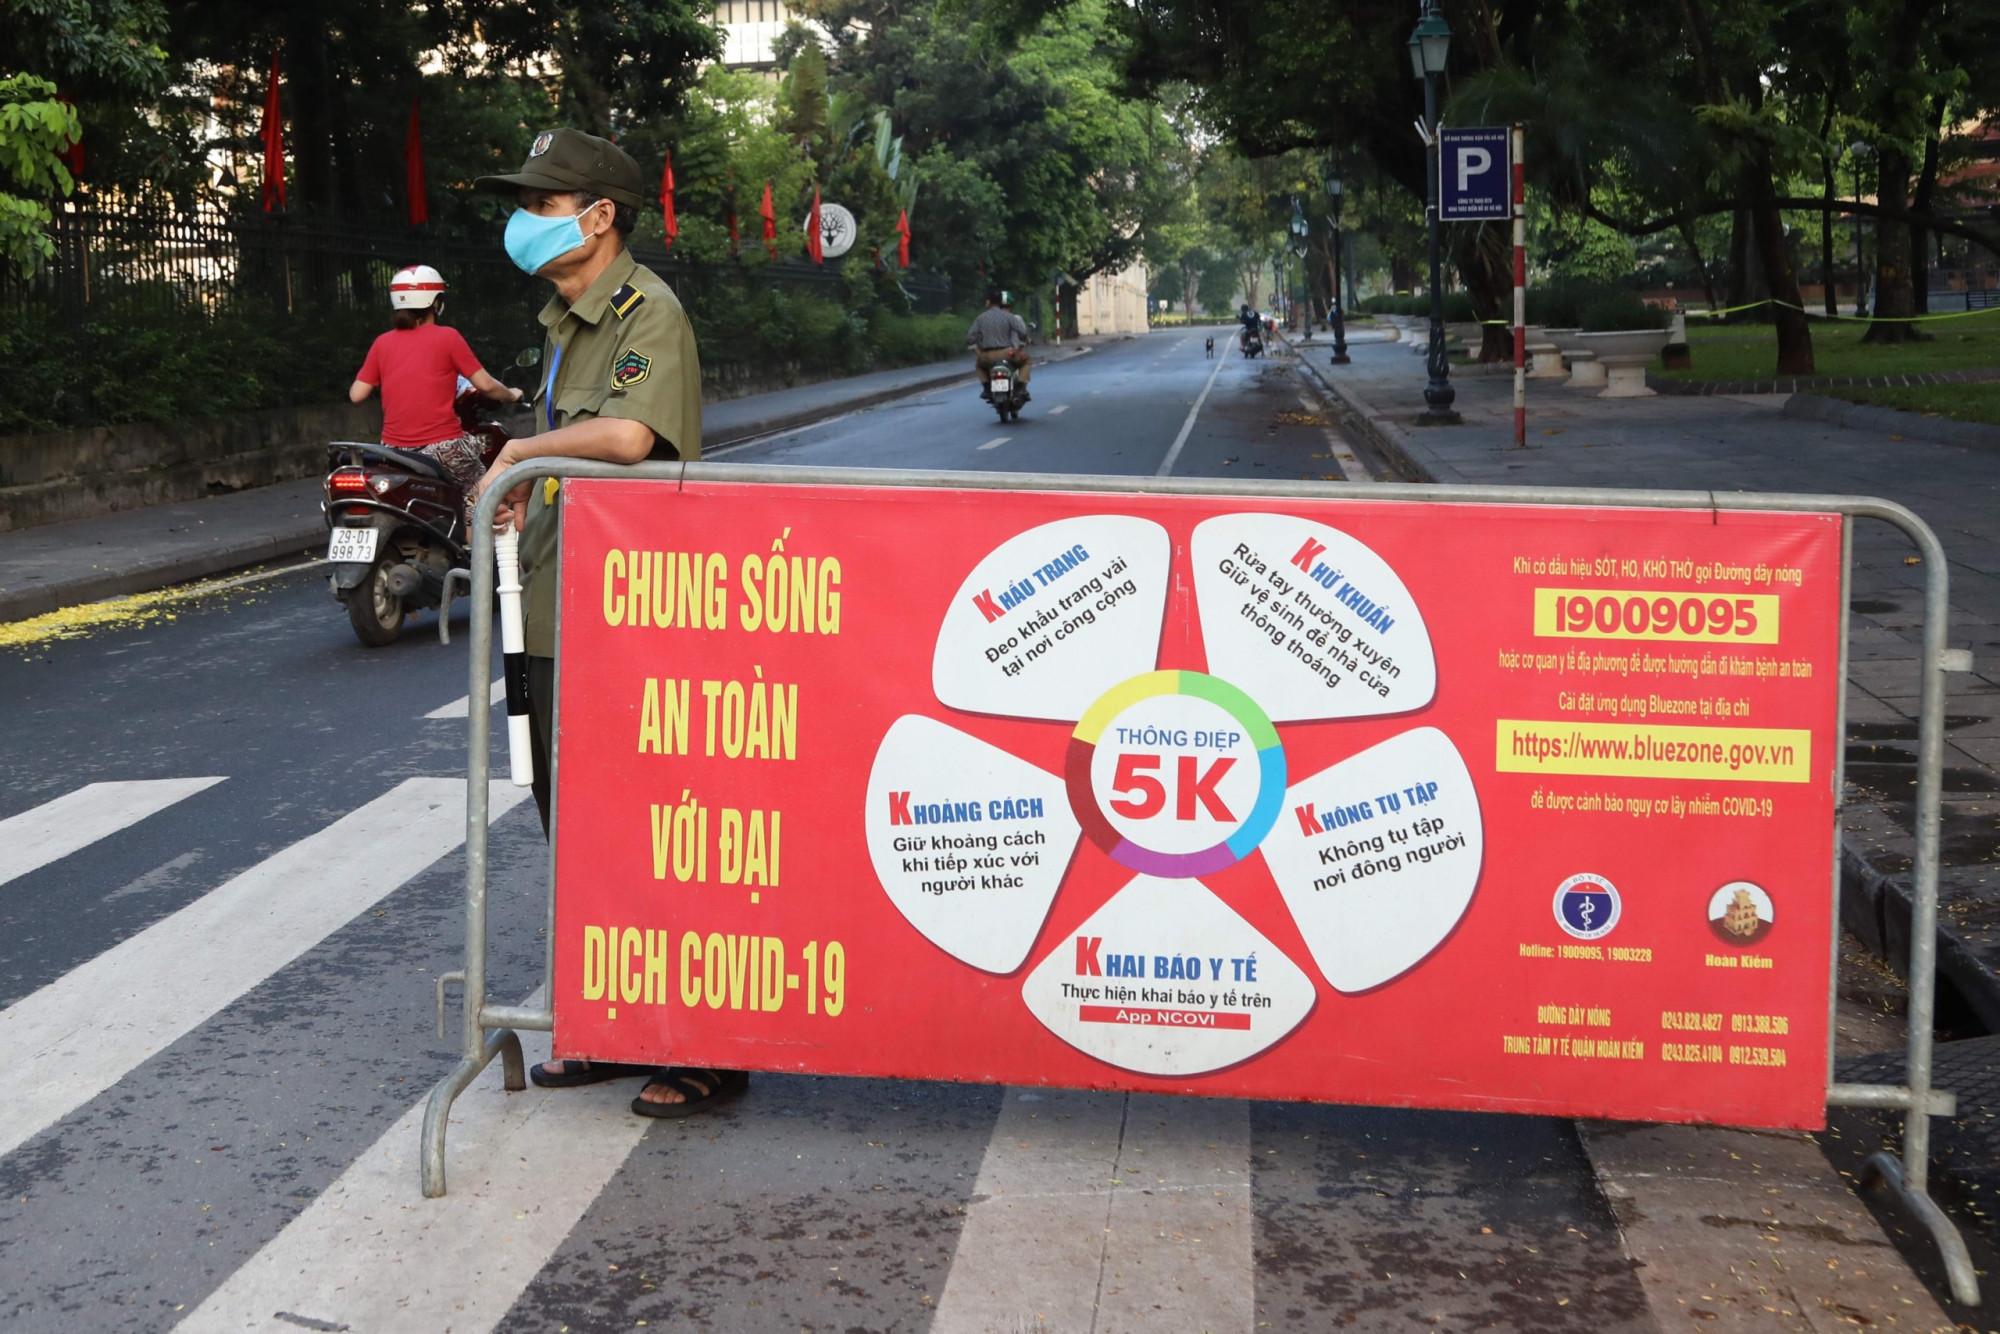 Cũng trong sáng nay, nhiều chốt kiểm soát đã được lập ra trên đường phố Hà Nội để hạn chế người dân ra đường.